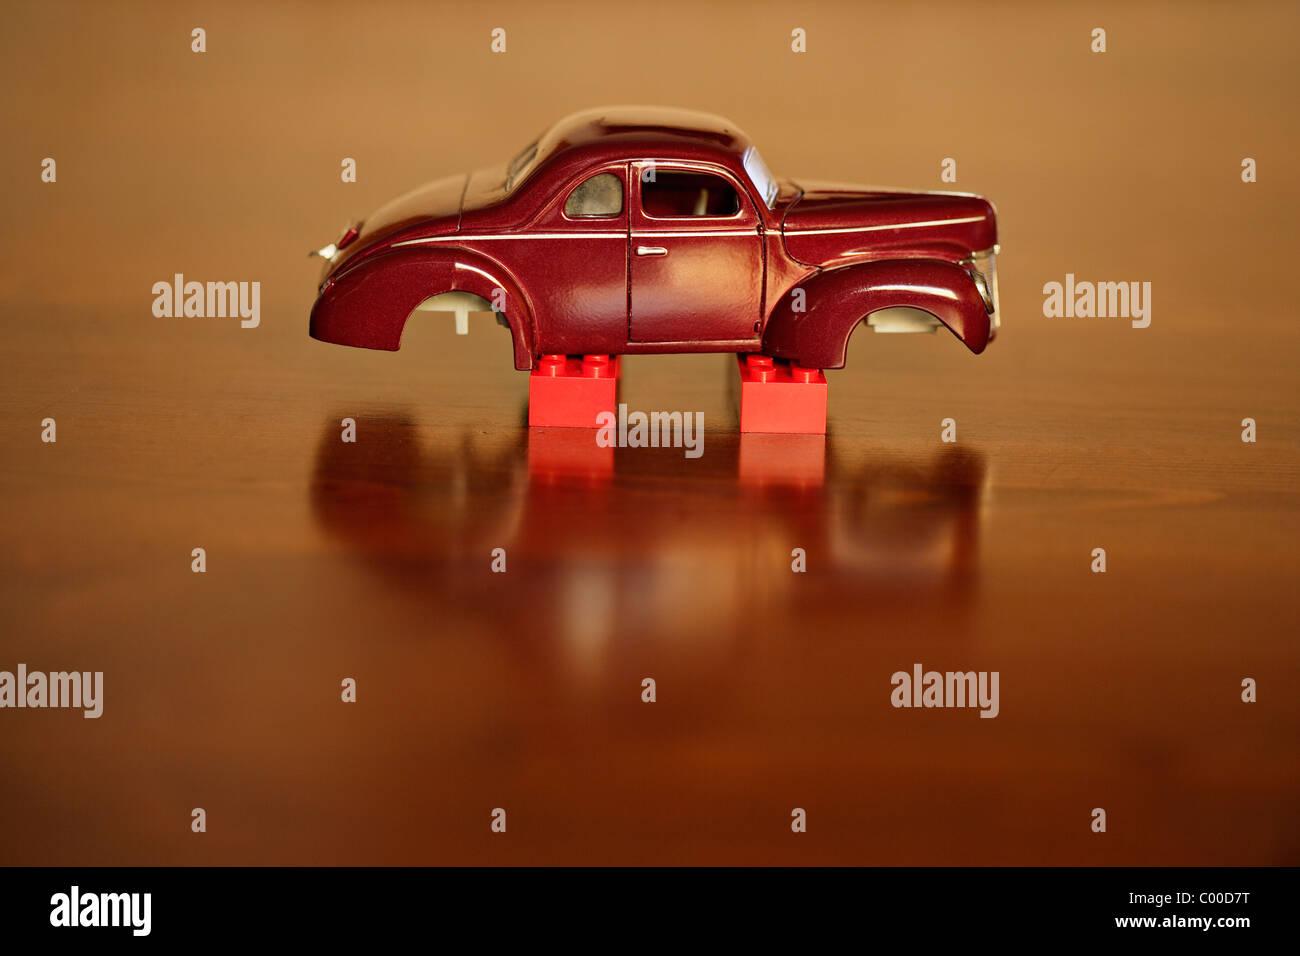 Giocattolo auto su blocchi con ruote rubato Immagini Stock